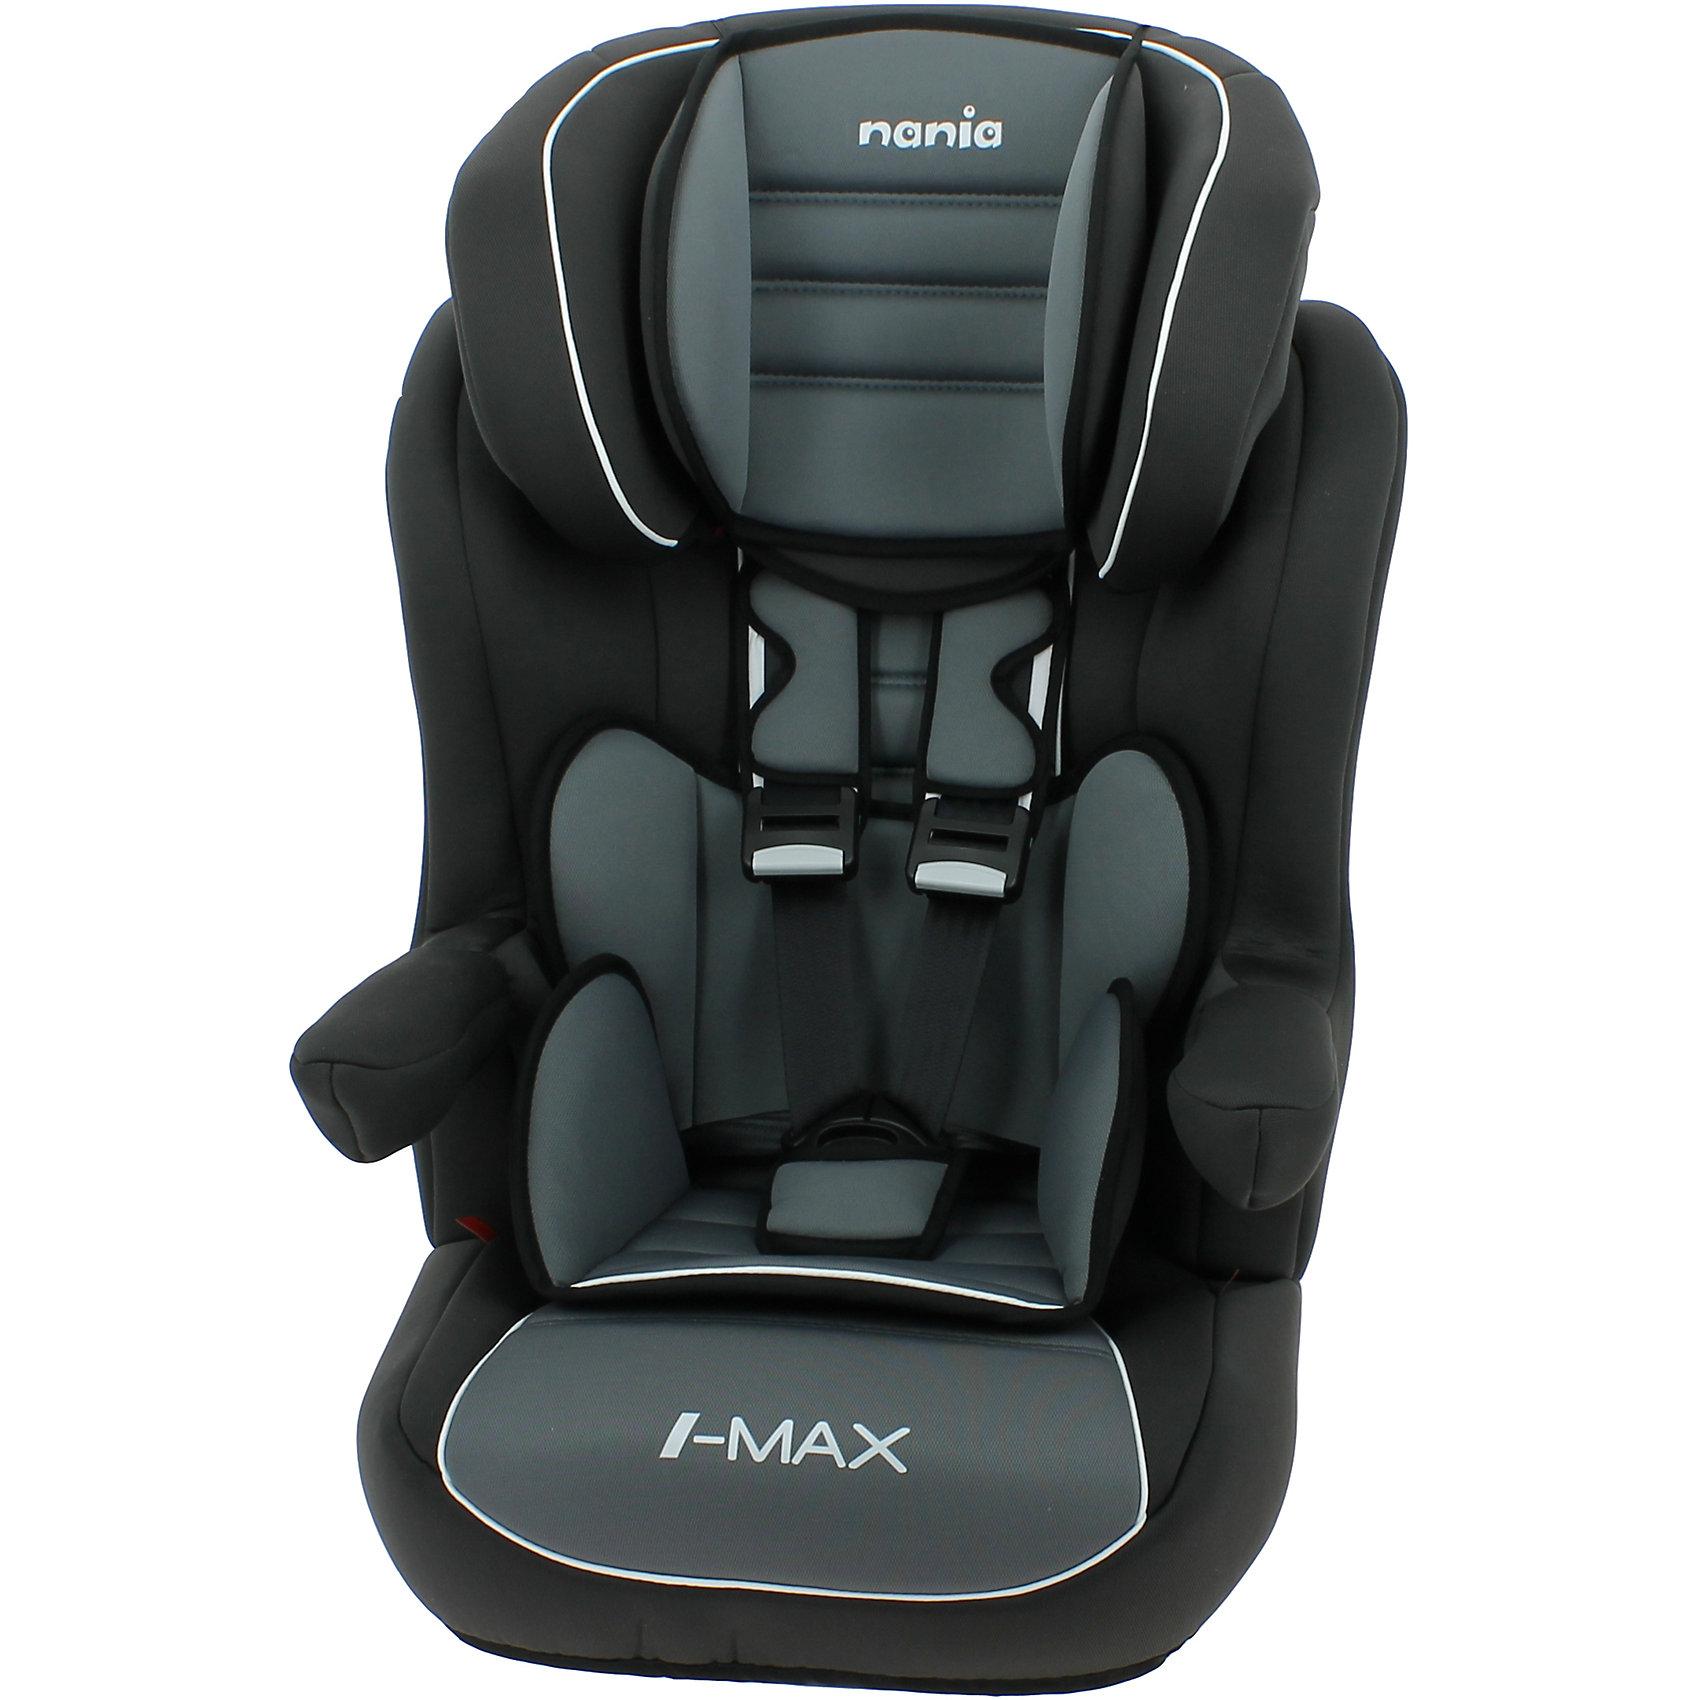 Автокресло Nania Imax SP LX ISOFIX, 9-36кг, agora stormГруппа 1-2-3 (От 9 до 36 кг)<br>Характеристики:<br><br>• группа: 1/2/3;<br>• вес ребенка: 9-36 кг;<br>• возраст ребенка: от 8 месяцев до 12 лет;<br>• способ установки: по ходу движения автомобиля;<br>• способ крепления: система Isofix;<br>• вкладыш для маленького ребенка, имеется встроенный мягкий подголовник;<br>• вкладыш съемный, для подросшего ребенка остается бустер со спинкой;<br>• кресло оснащено подлокотниками с мягкой обивкой;<br>• положение подлокотников можно регулировать;<br>• высота подголовника регулируется в 5-ти положениях;<br>• чехлы автокресла съемные, стираются при температуре 30 градусов;<br>• маленький ребенок фиксируется встроенными 5-ти точечными ремнями автокресла, подросший малыш – 3-х точечными ремнями безопасности автомобиля;<br>• усиленная боковая защита SP - Side Protection;<br>• материал: пластик, полиэстер;<br>• размеры автокресла: 454х45х88 см;<br>• вес автокресла: 4,7 кг;<br>• стандарт безопасности: ECE R44/04.<br><br>Автокресло Imax SP LX Isofix, 9-36кг, Nania, agora storm можно купить в нашем интернет-магазине.<br><br>Ширина мм: 450<br>Глубина мм: 500<br>Высота мм: 710<br>Вес г: 4530<br>Возраст от месяцев: 8<br>Возраст до месяцев: 144<br>Пол: Унисекс<br>Возраст: Детский<br>SKU: 5569343